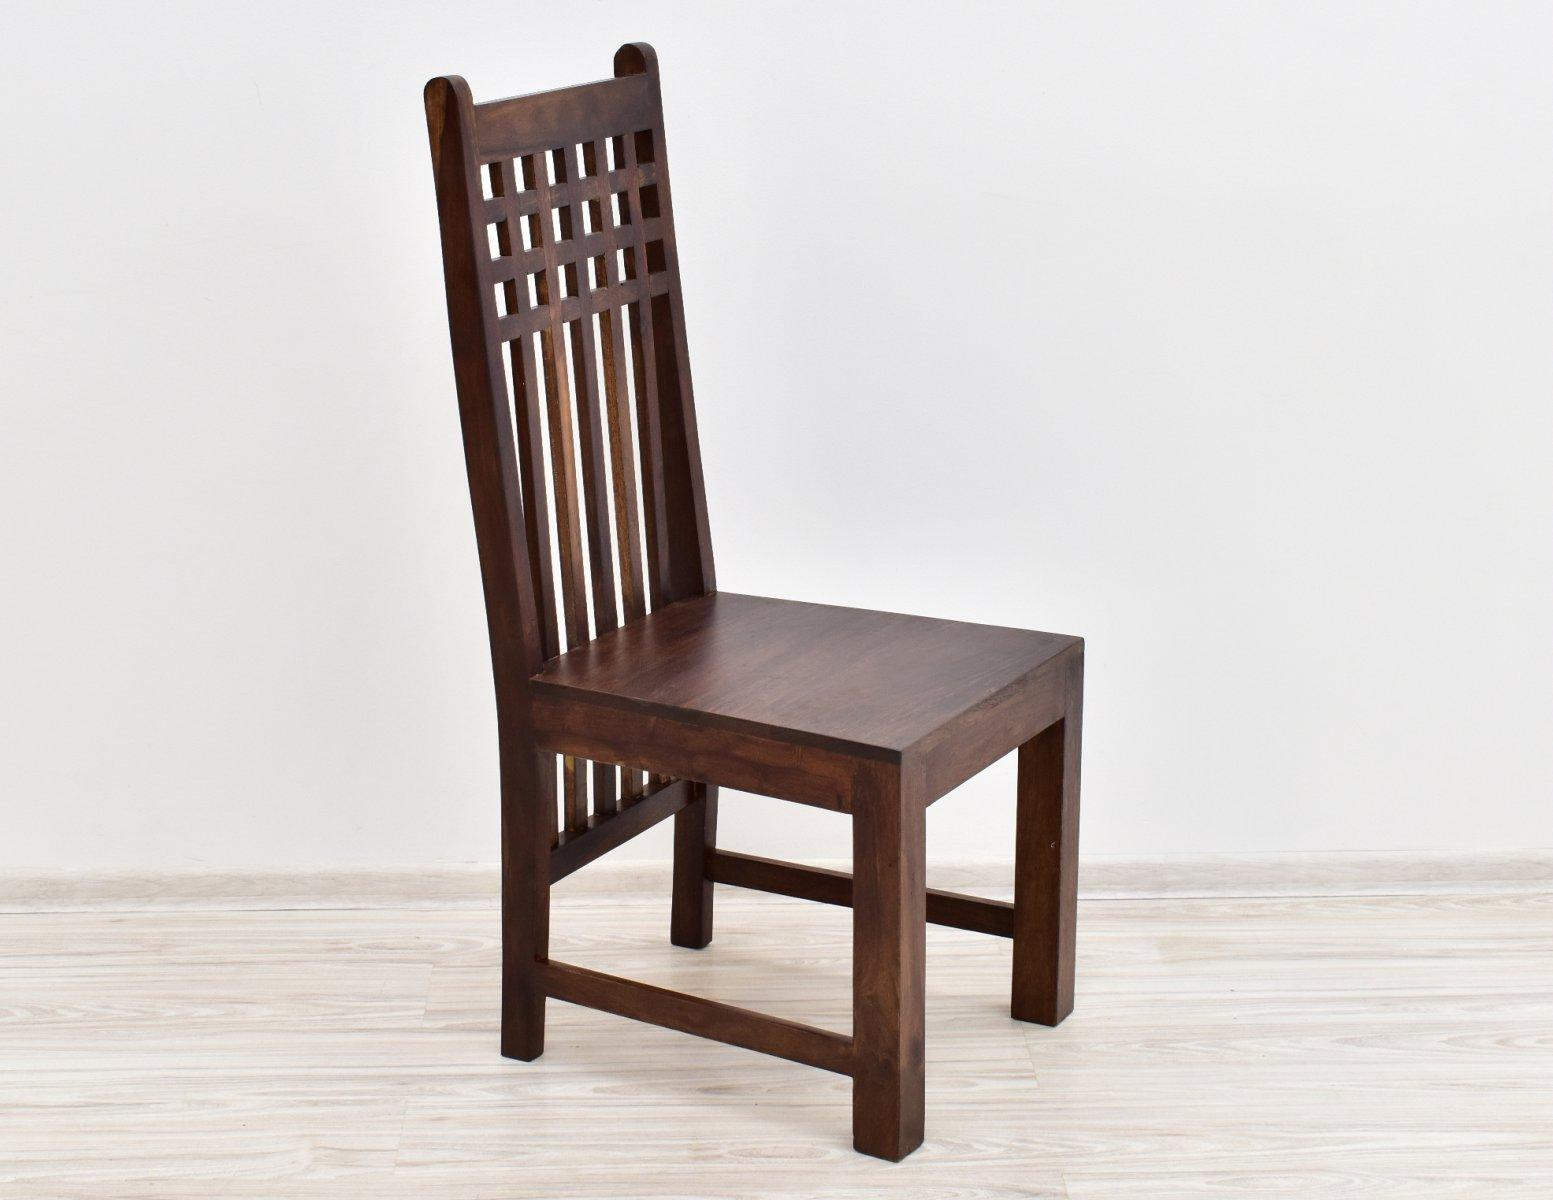 krzeslo-kolonialne-lite-drewno-palisander-indyjski-ciemny-braz-wysokie